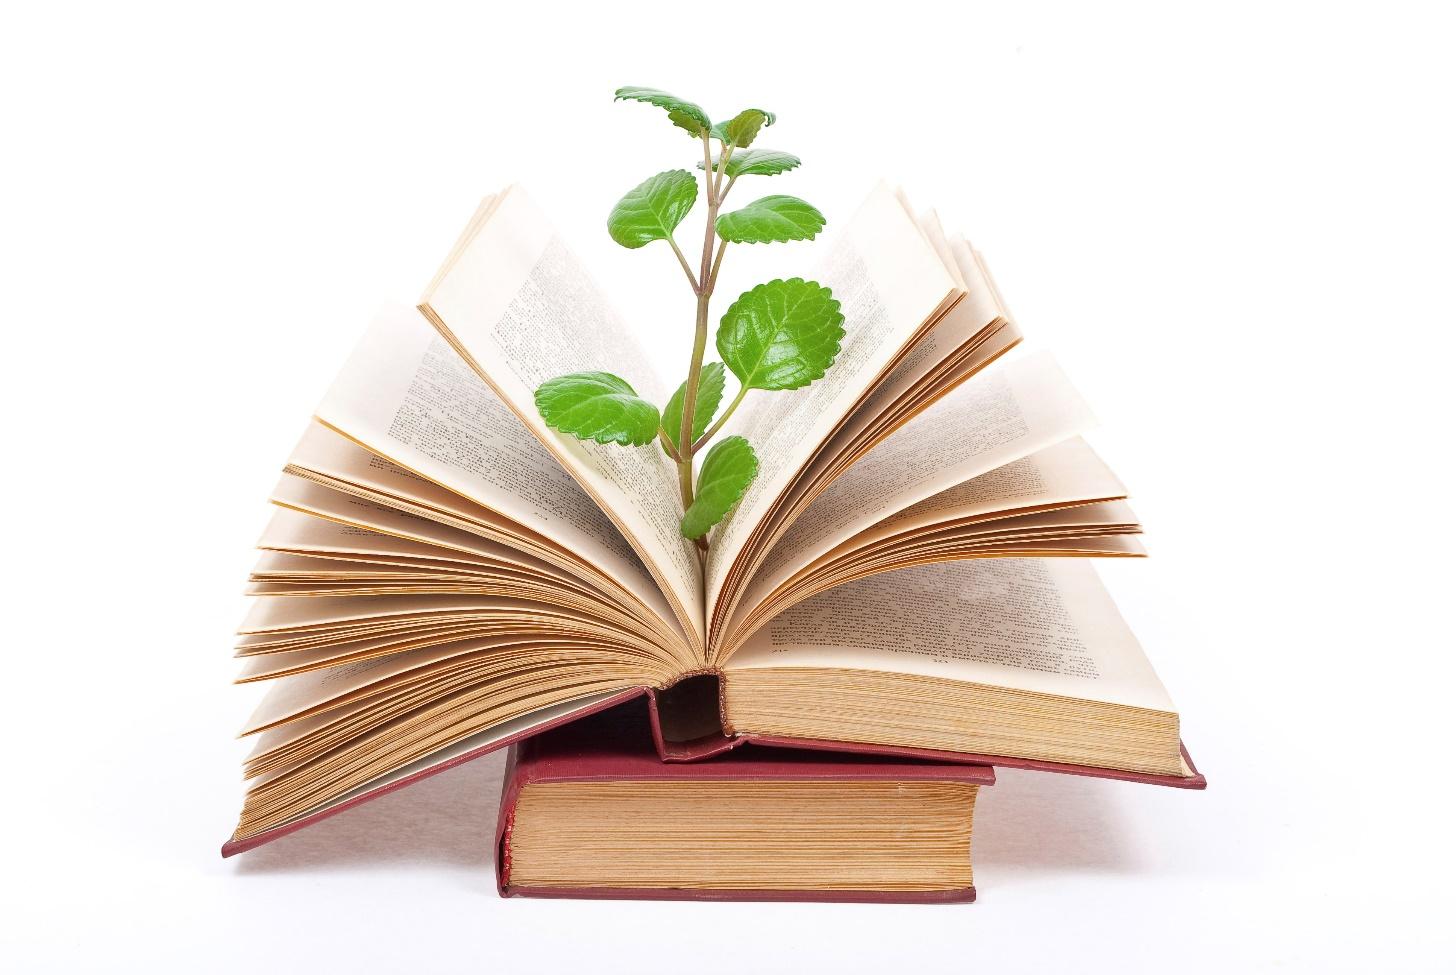 نوشتن خبرنامه با کاغذهای بازیافتی